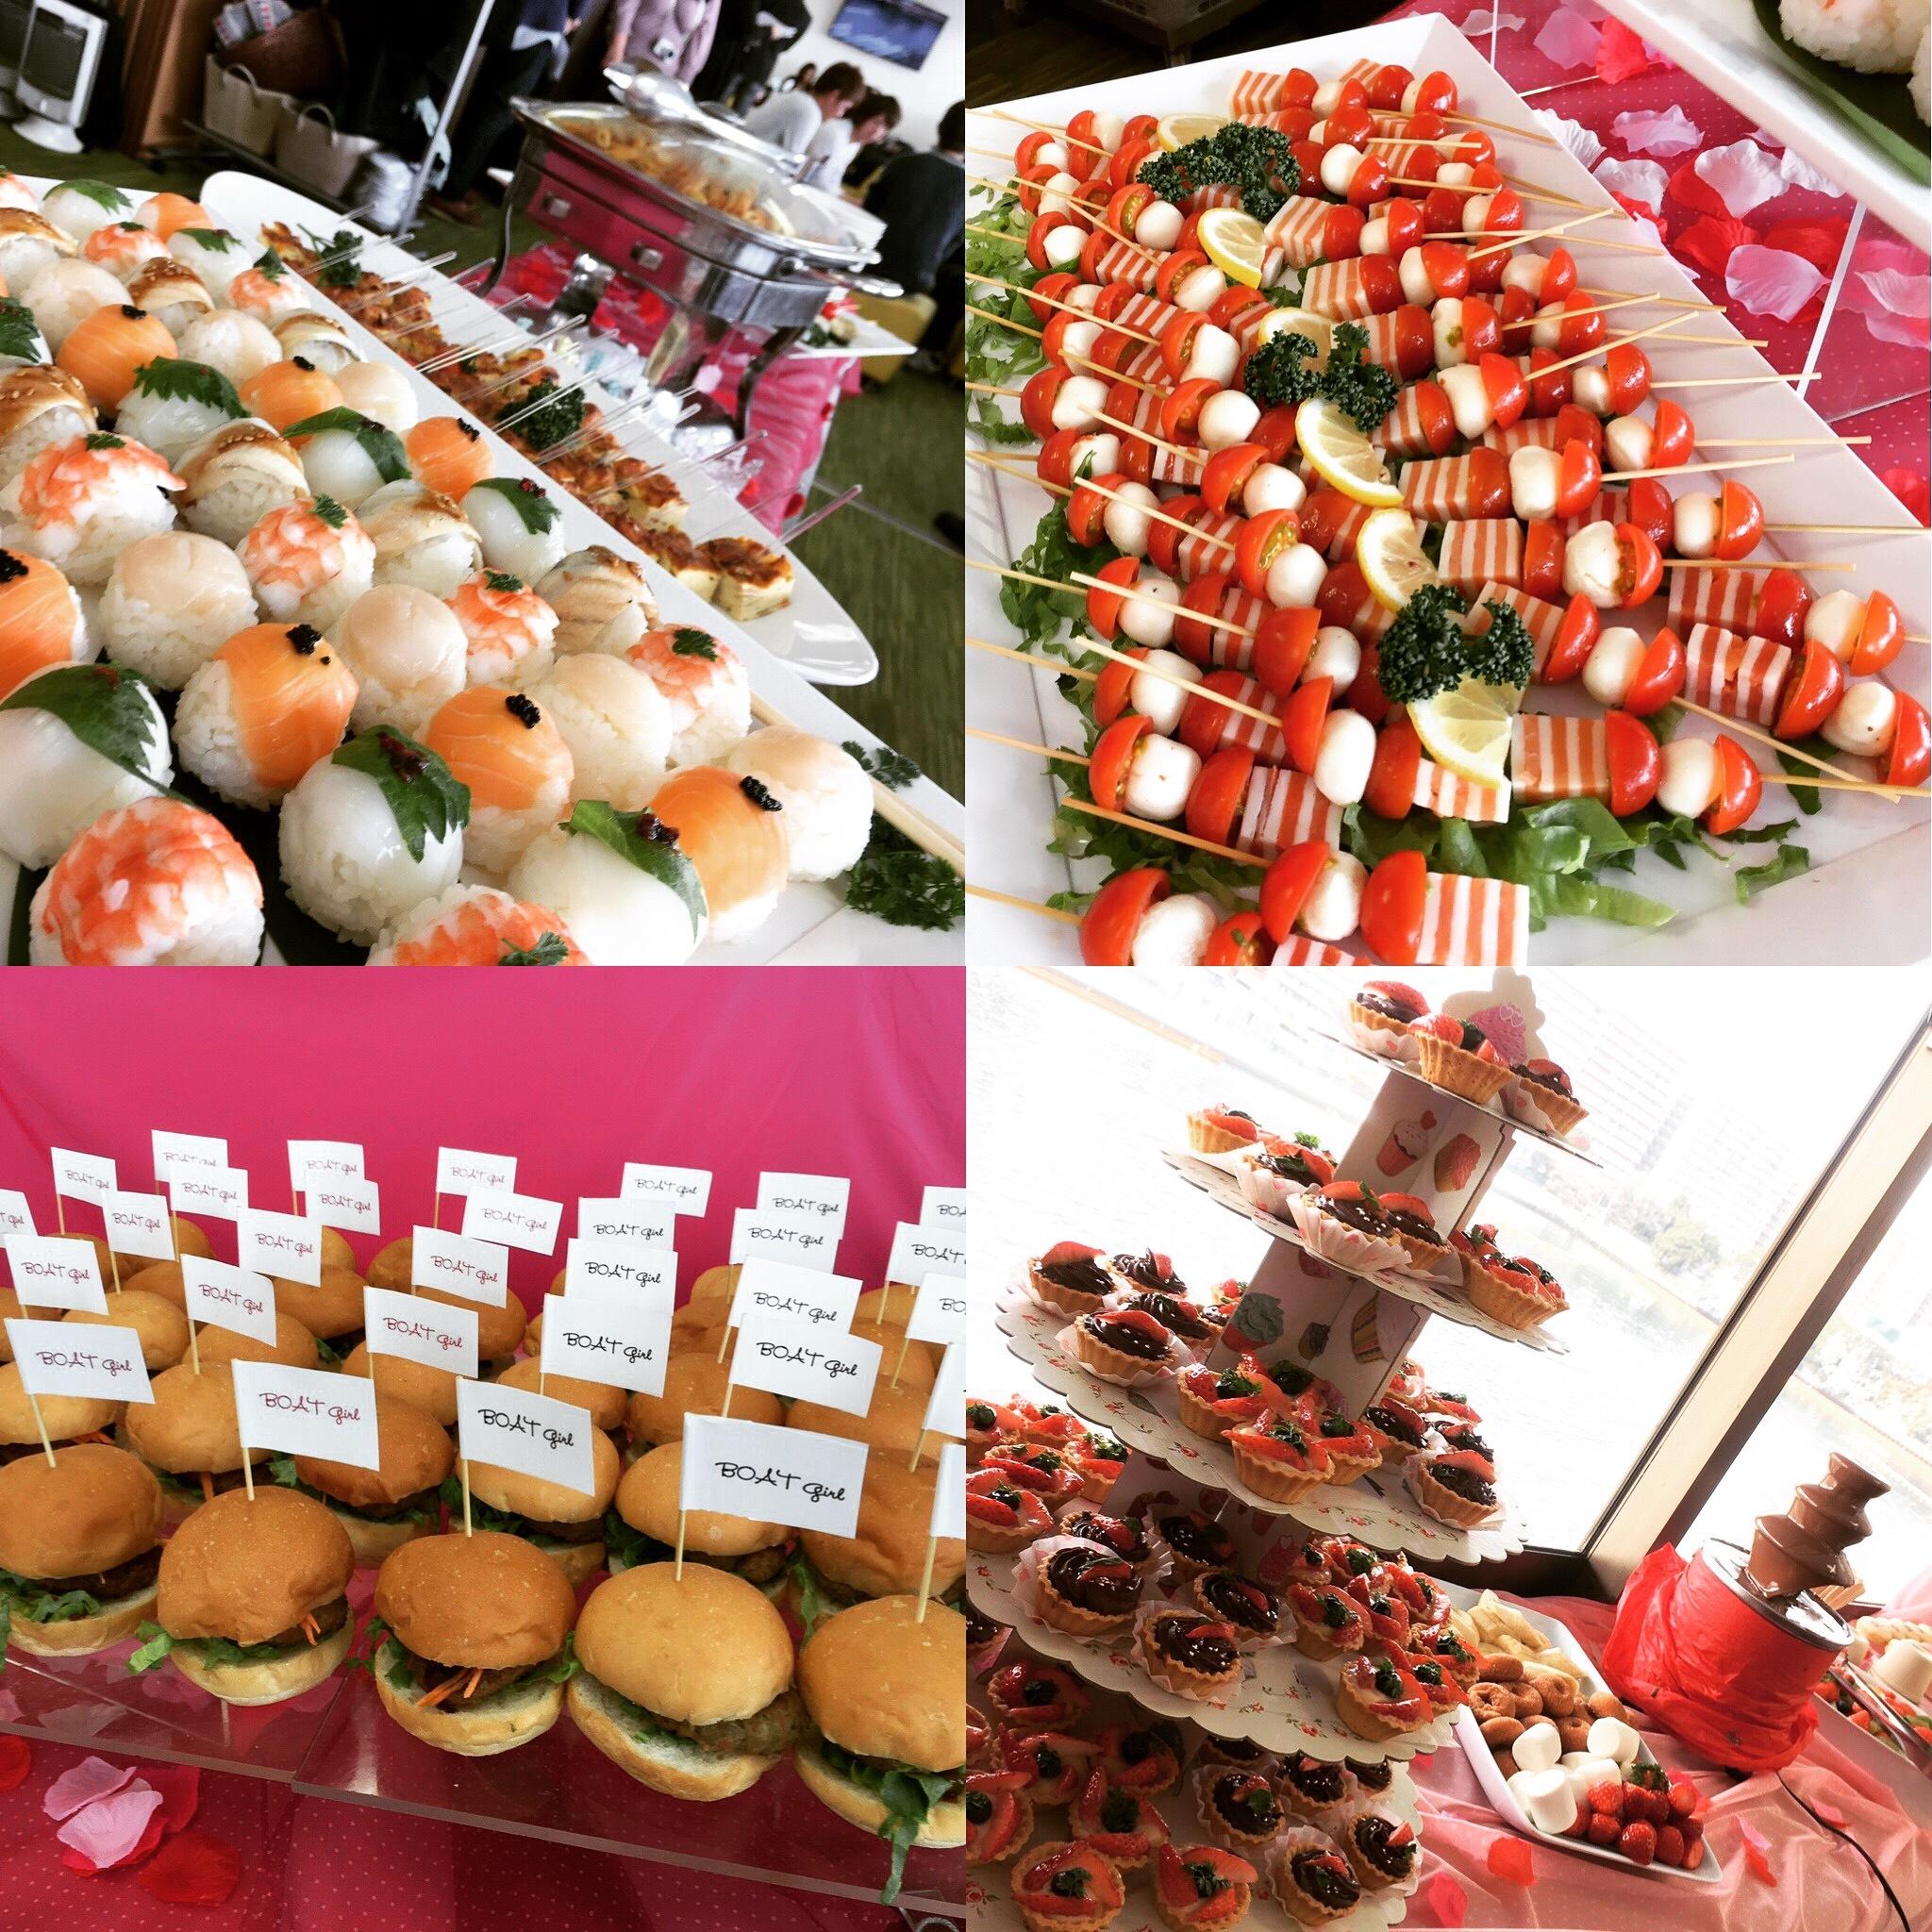 東京 バレンタインビュッフェ ランチビュッフェ ランチケータリング パーティー